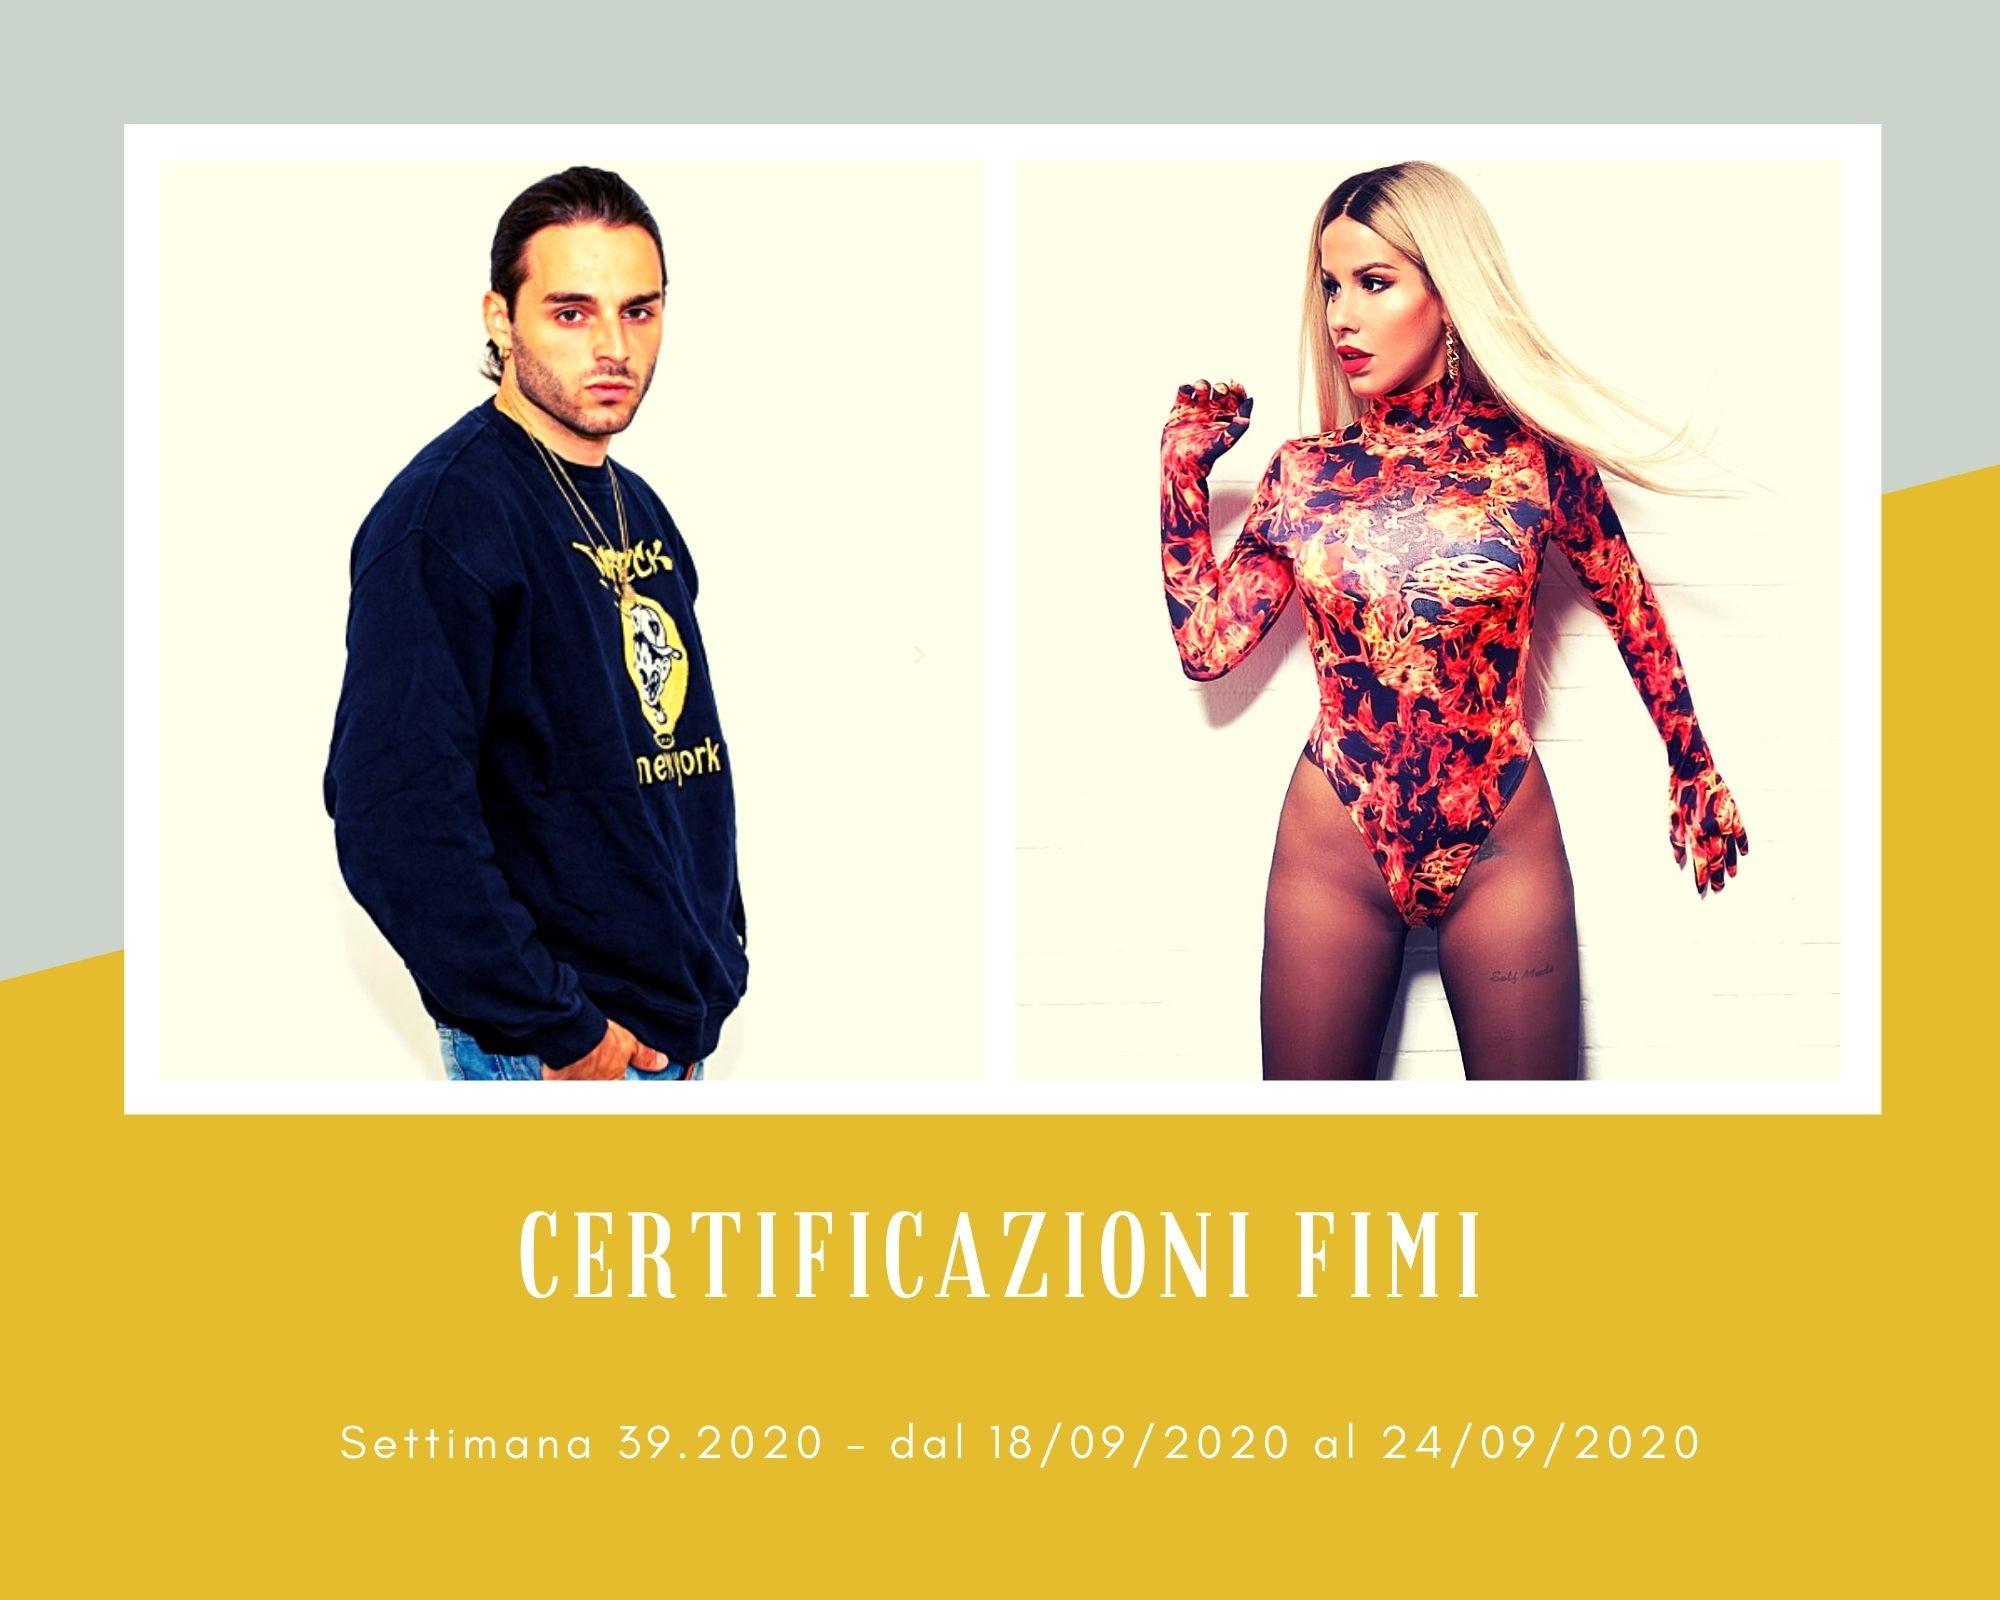 Certificazioni FIMI, week 39: Ernia e Baby K due superclassici dell'estate. Ultimo batte Mahmood